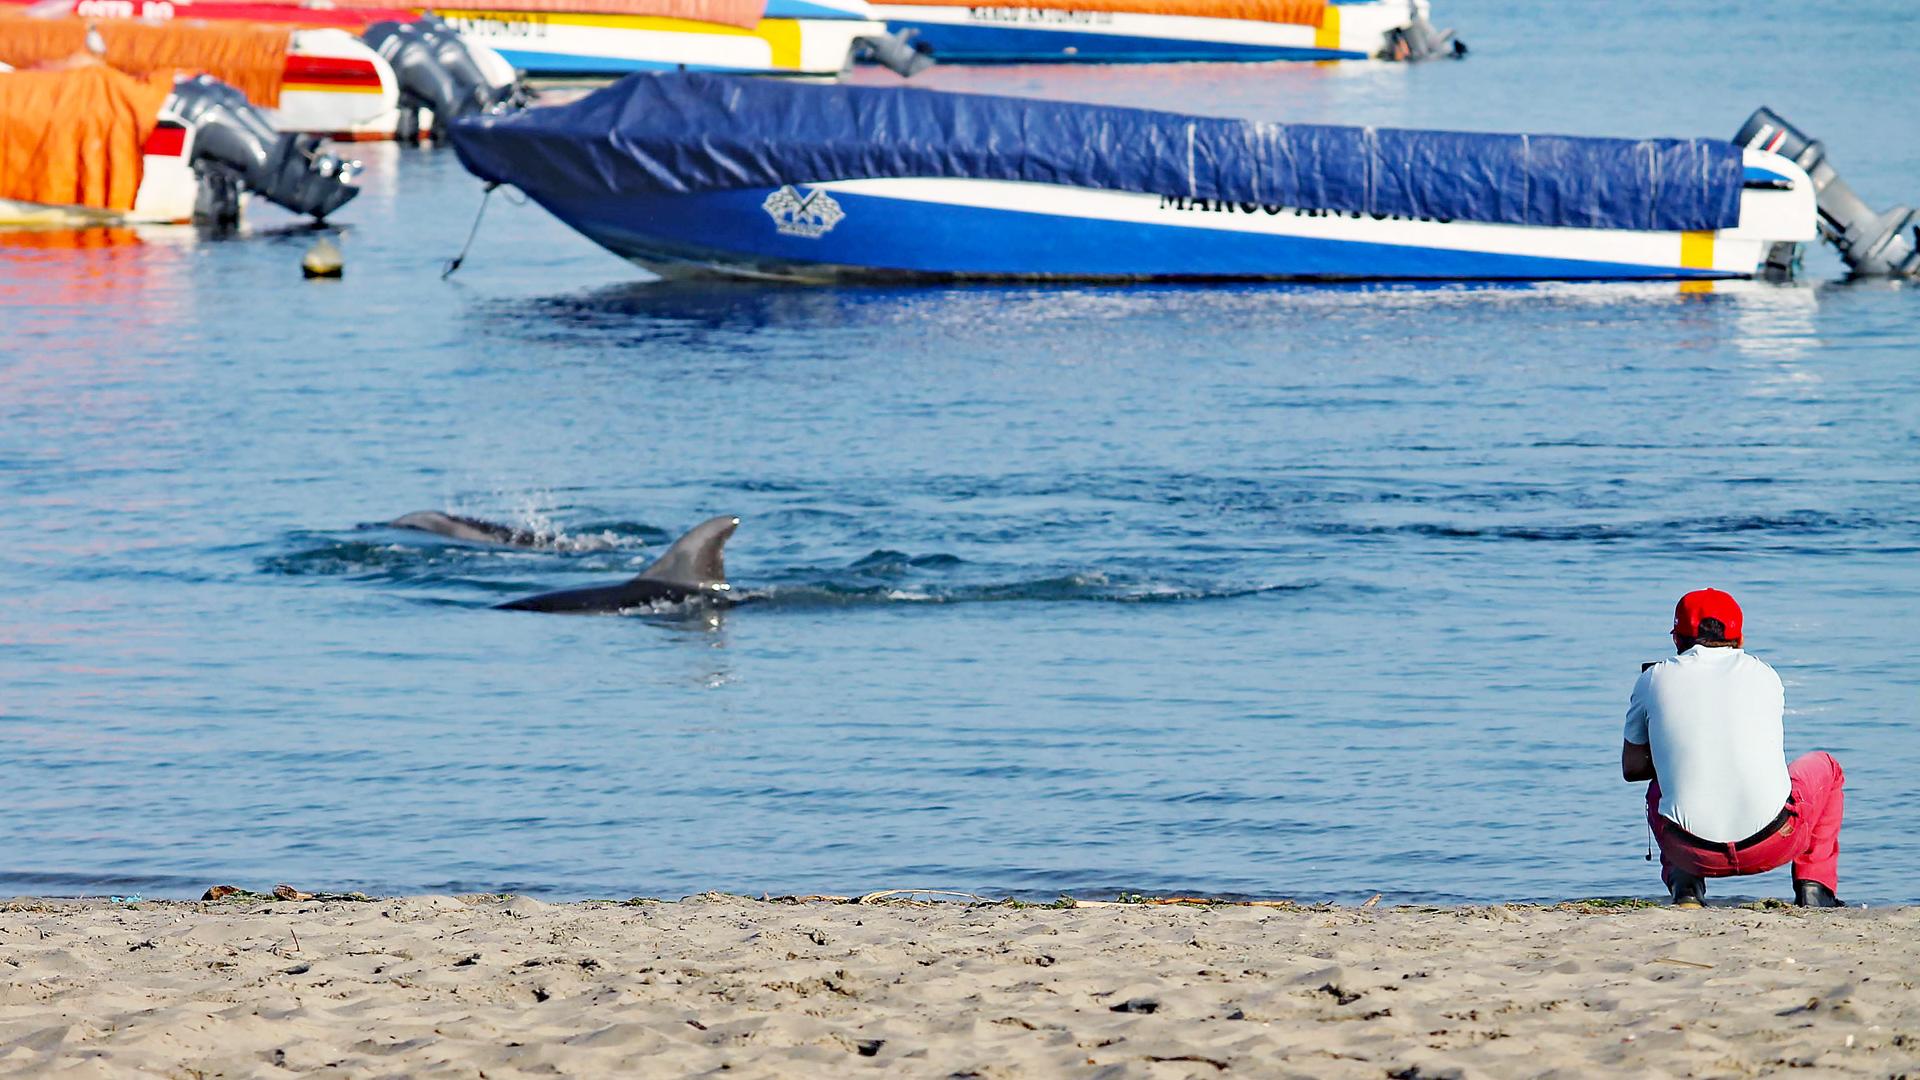 Zwei Paracas Delfine Schwimmen nah am Strand.